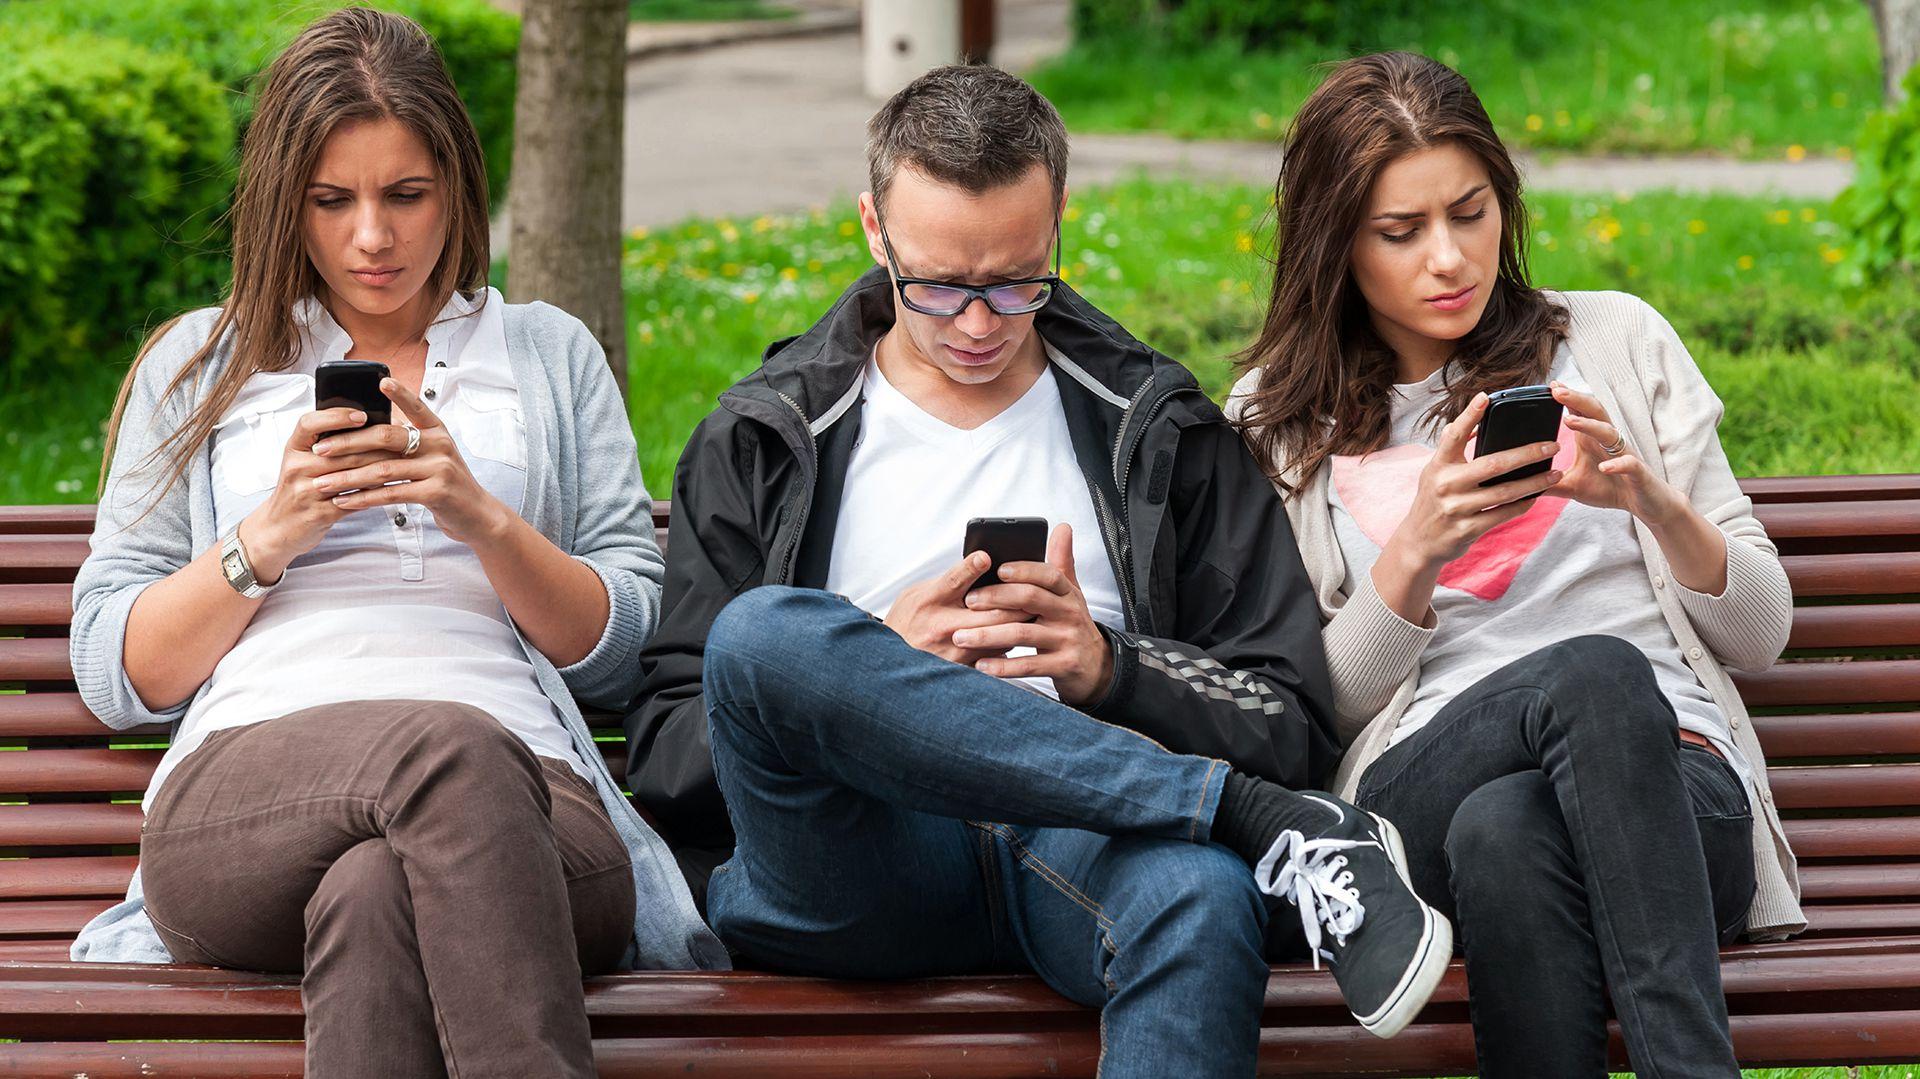 La nueva modalidad dará más comodidades a los usuarios (Foto: Shutterstock)